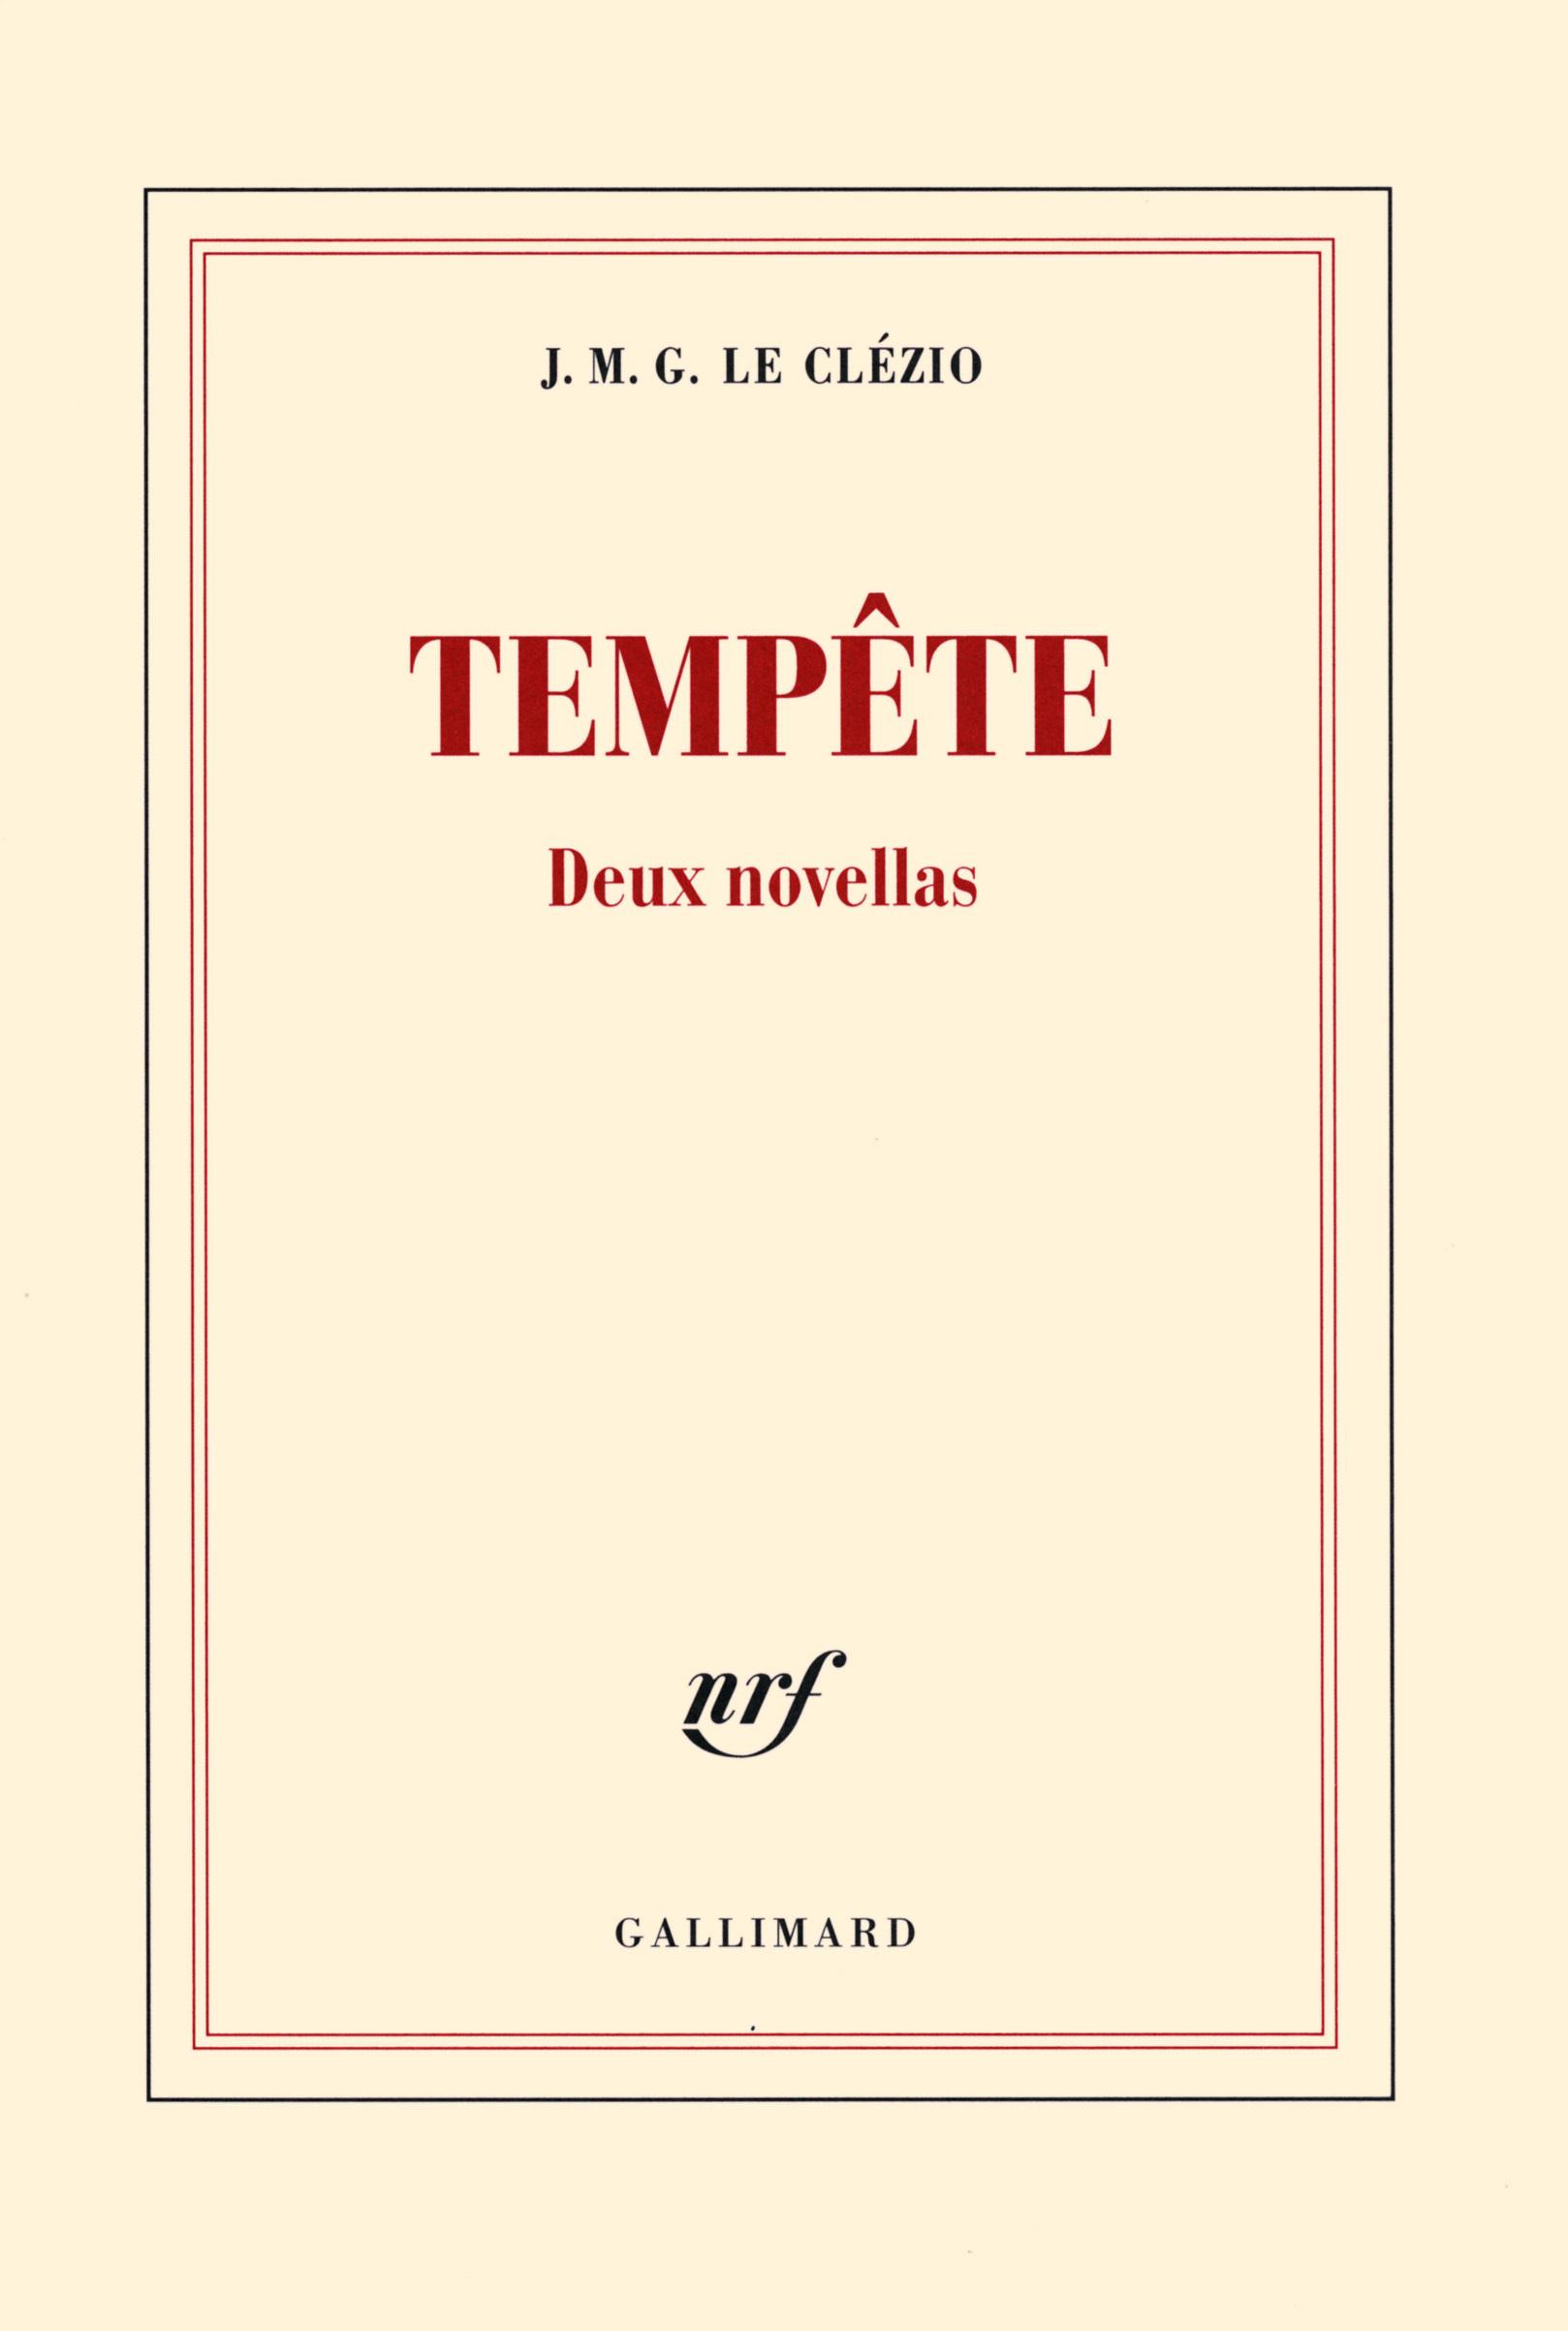 TEMPETE DEUX NOVELLAS